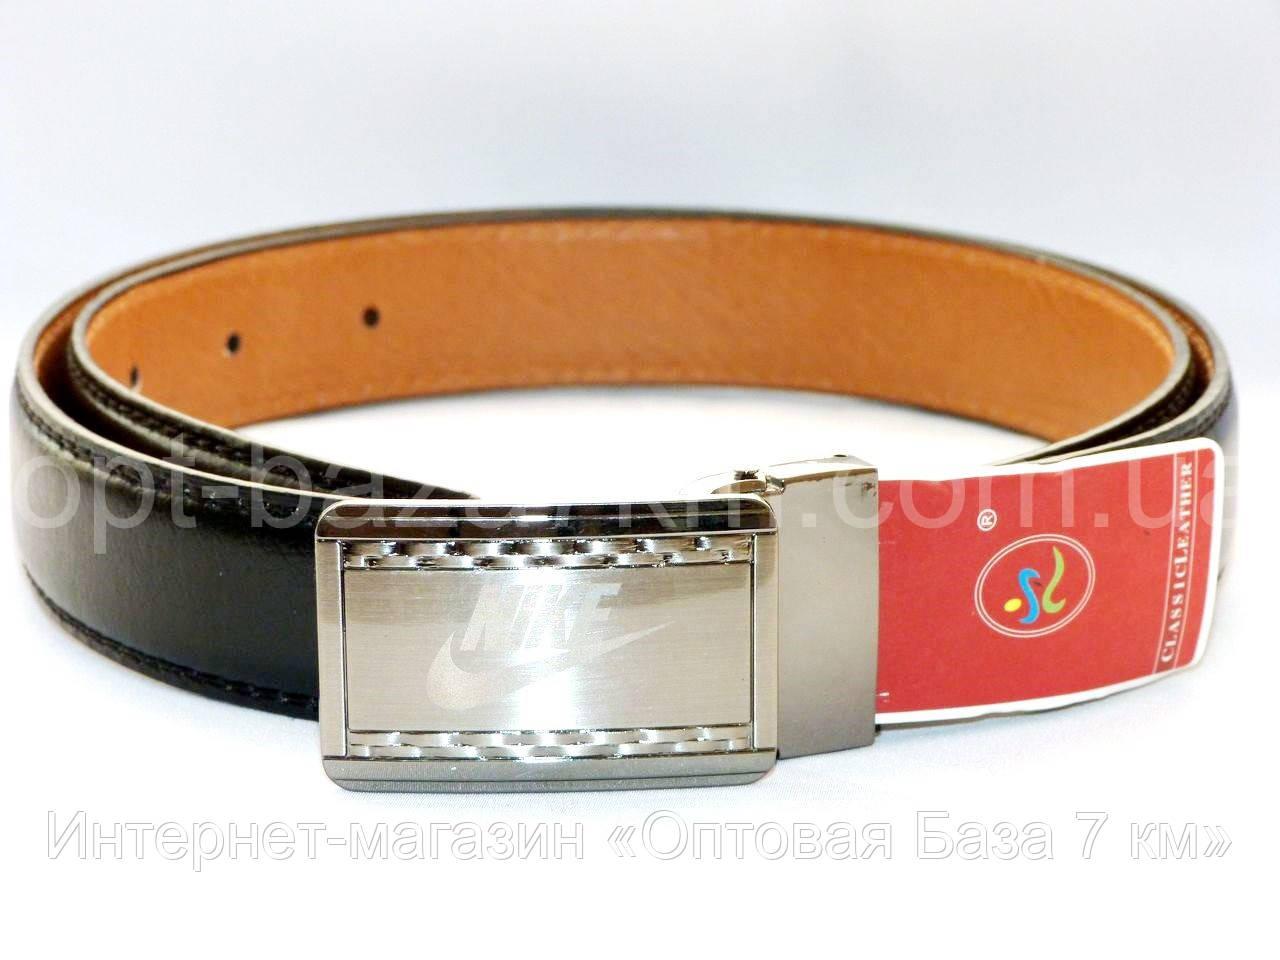 2f8761433d9b Ремень мужской оптом гвоздик купить в одессе 7 км - копии брендов ...